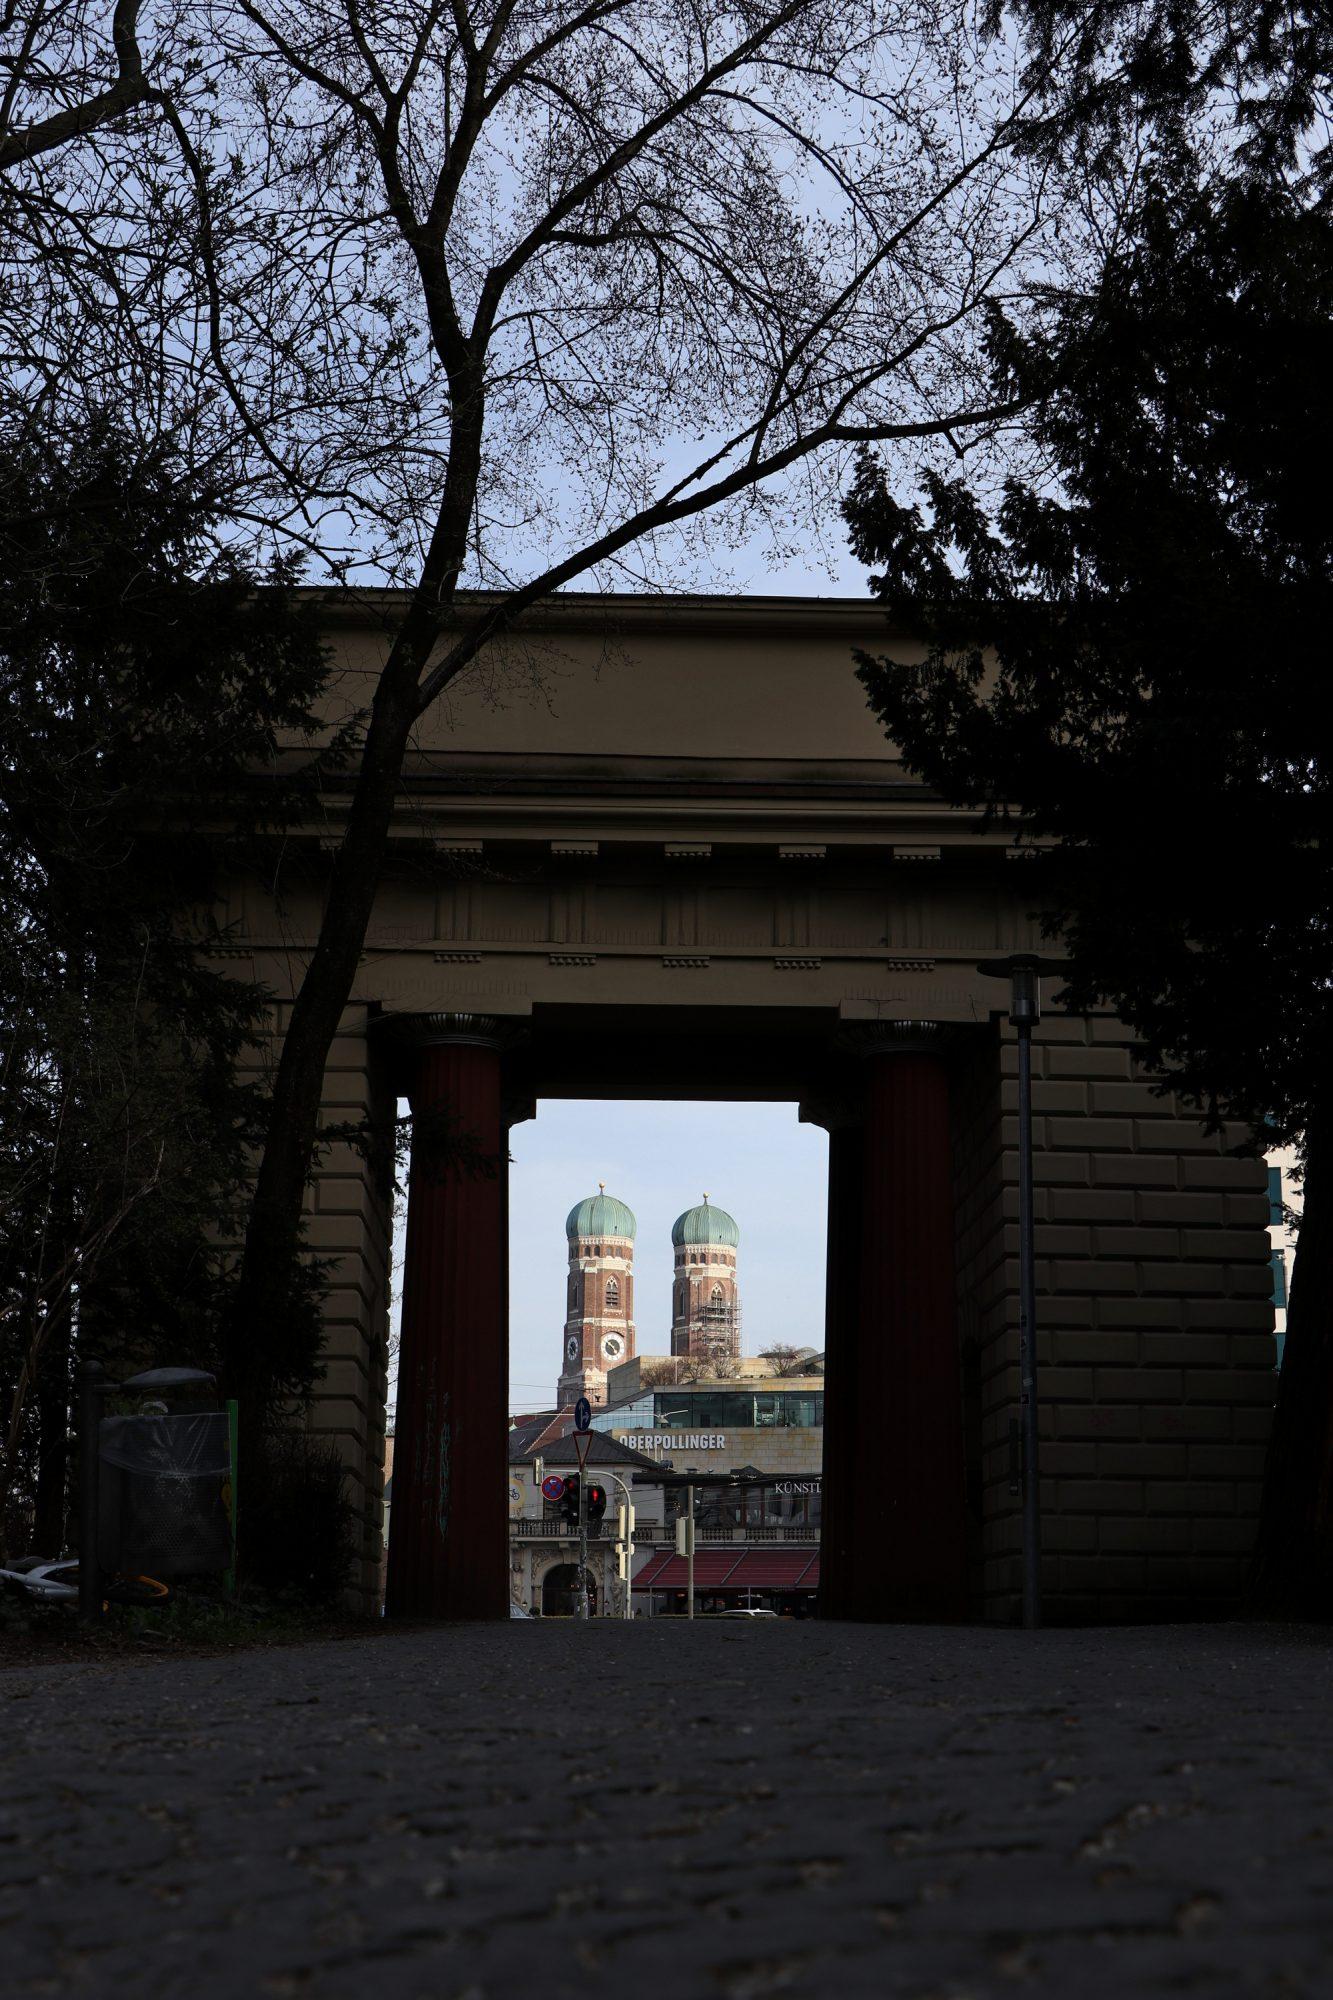 Blick durch das Tor des Alten Botanischen Gartens auf die Münchner Frauenkirche